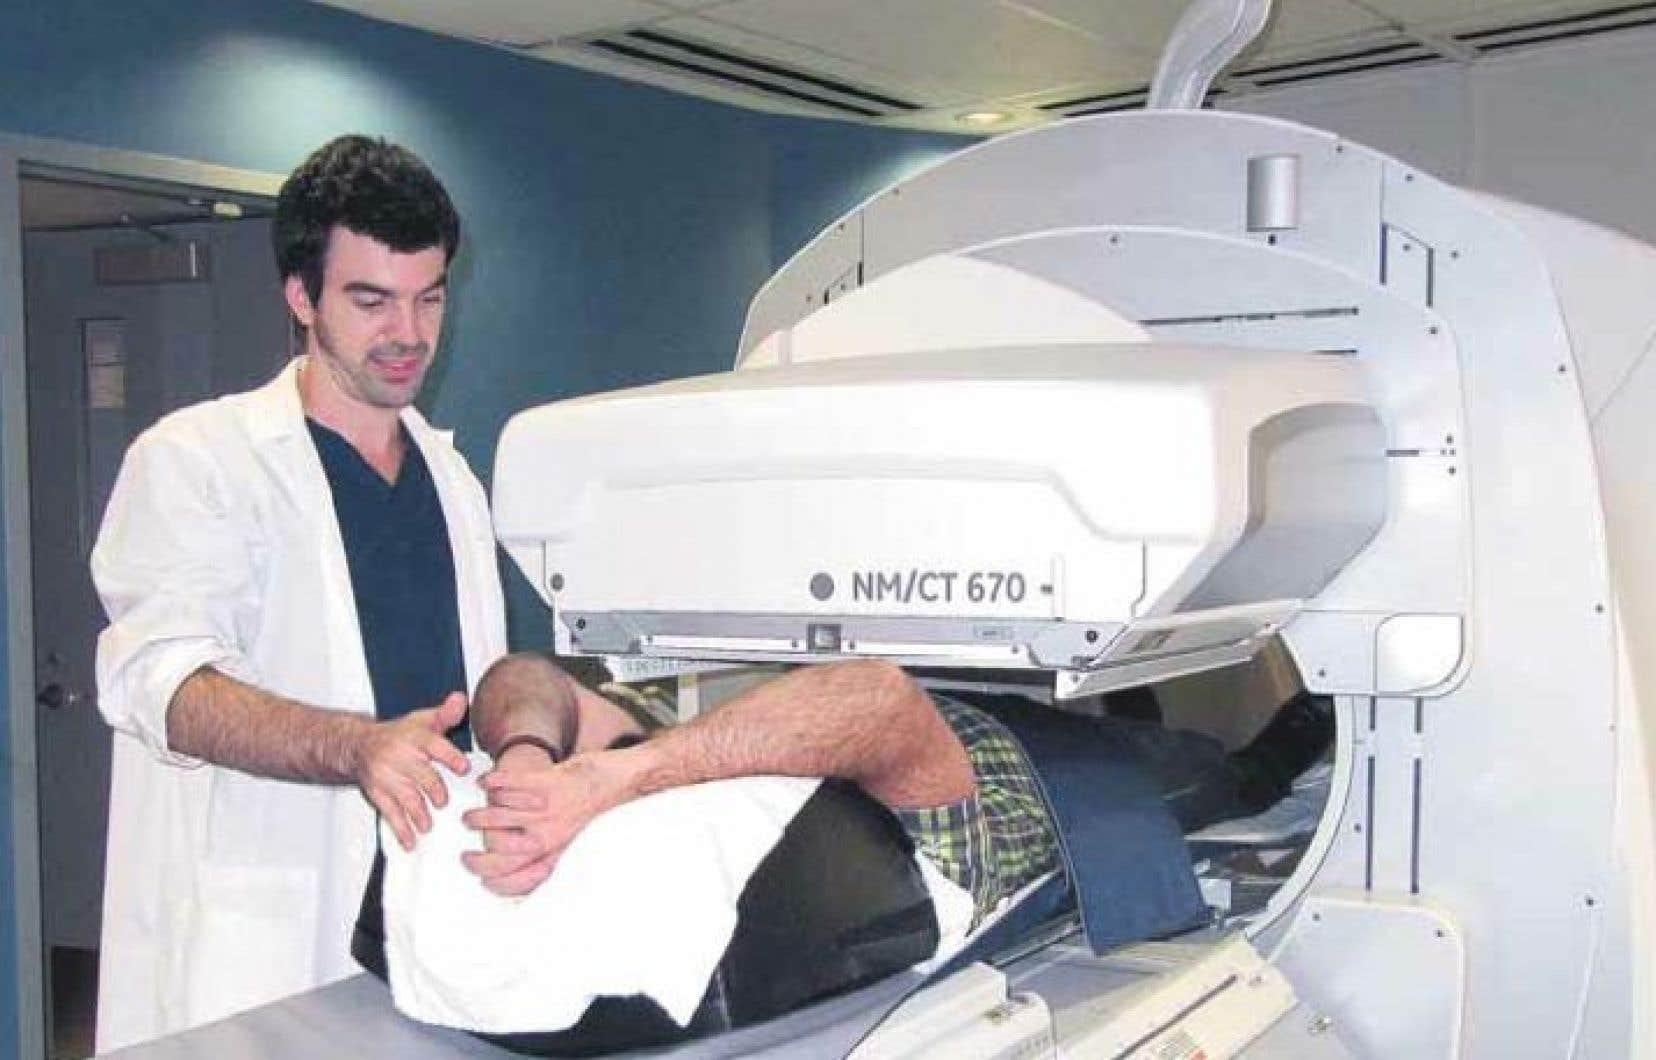 Tommy Beaudry est responsable d'effectuer, à partir d'ordonnances médicales, des examens diagnostiques à l'aide de substances radioactives et de rayons X ou gamma.